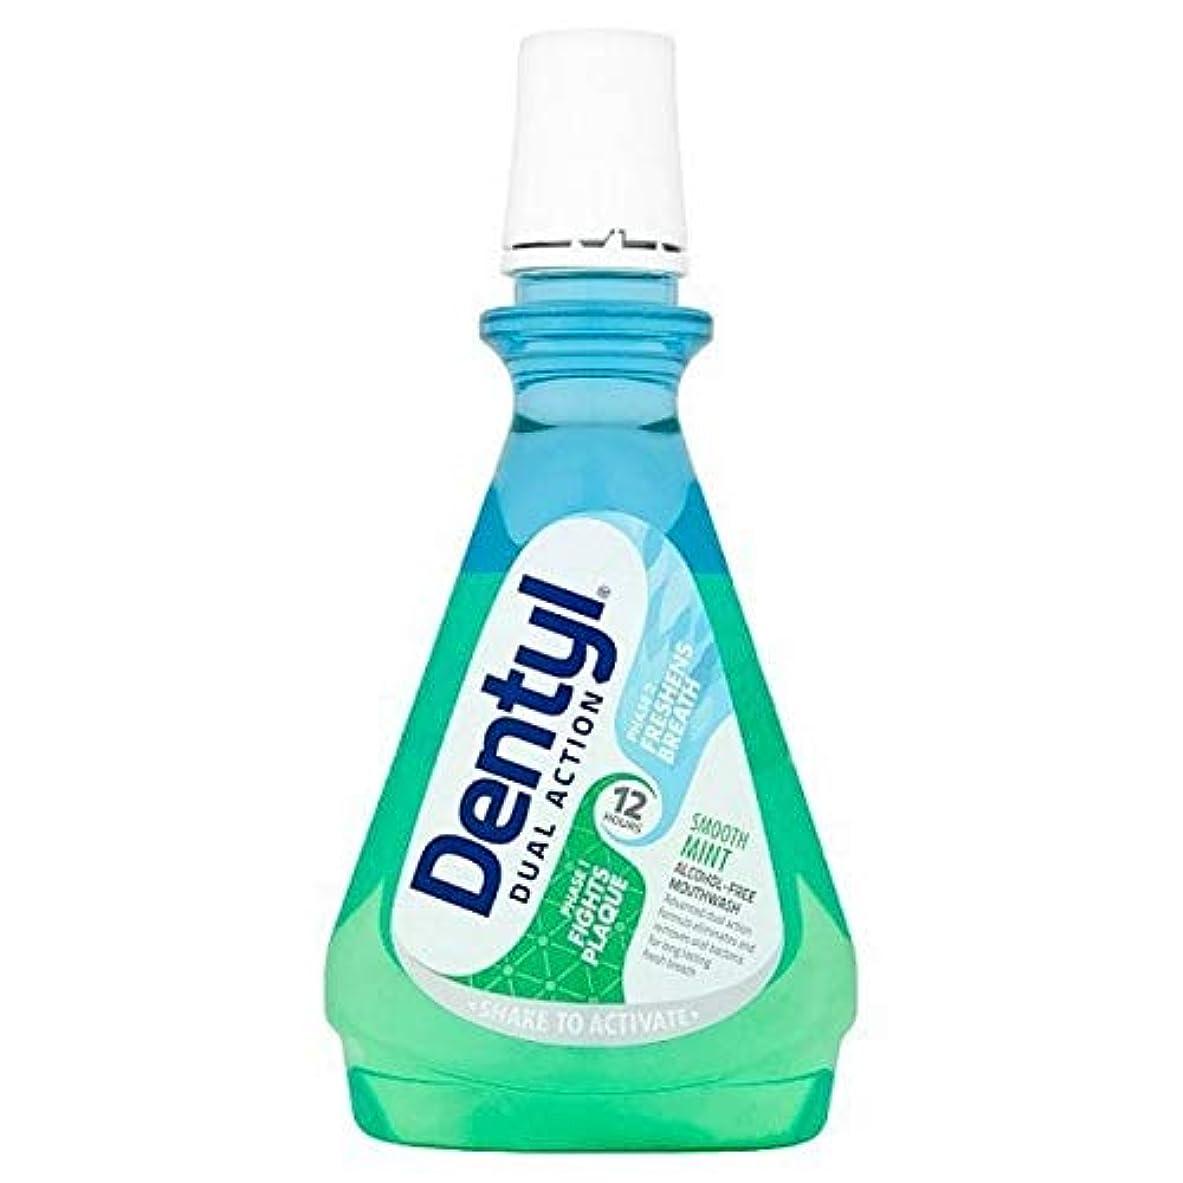 インフルエンザバタフライきらめき[Dentyl] DentylのPhはミントアルコールフリーのミントマウスウォッシュ500ミリリットル - Dentyl PH Mint Alcohol Free Mint Mouthwash 500ml [並行輸入品]